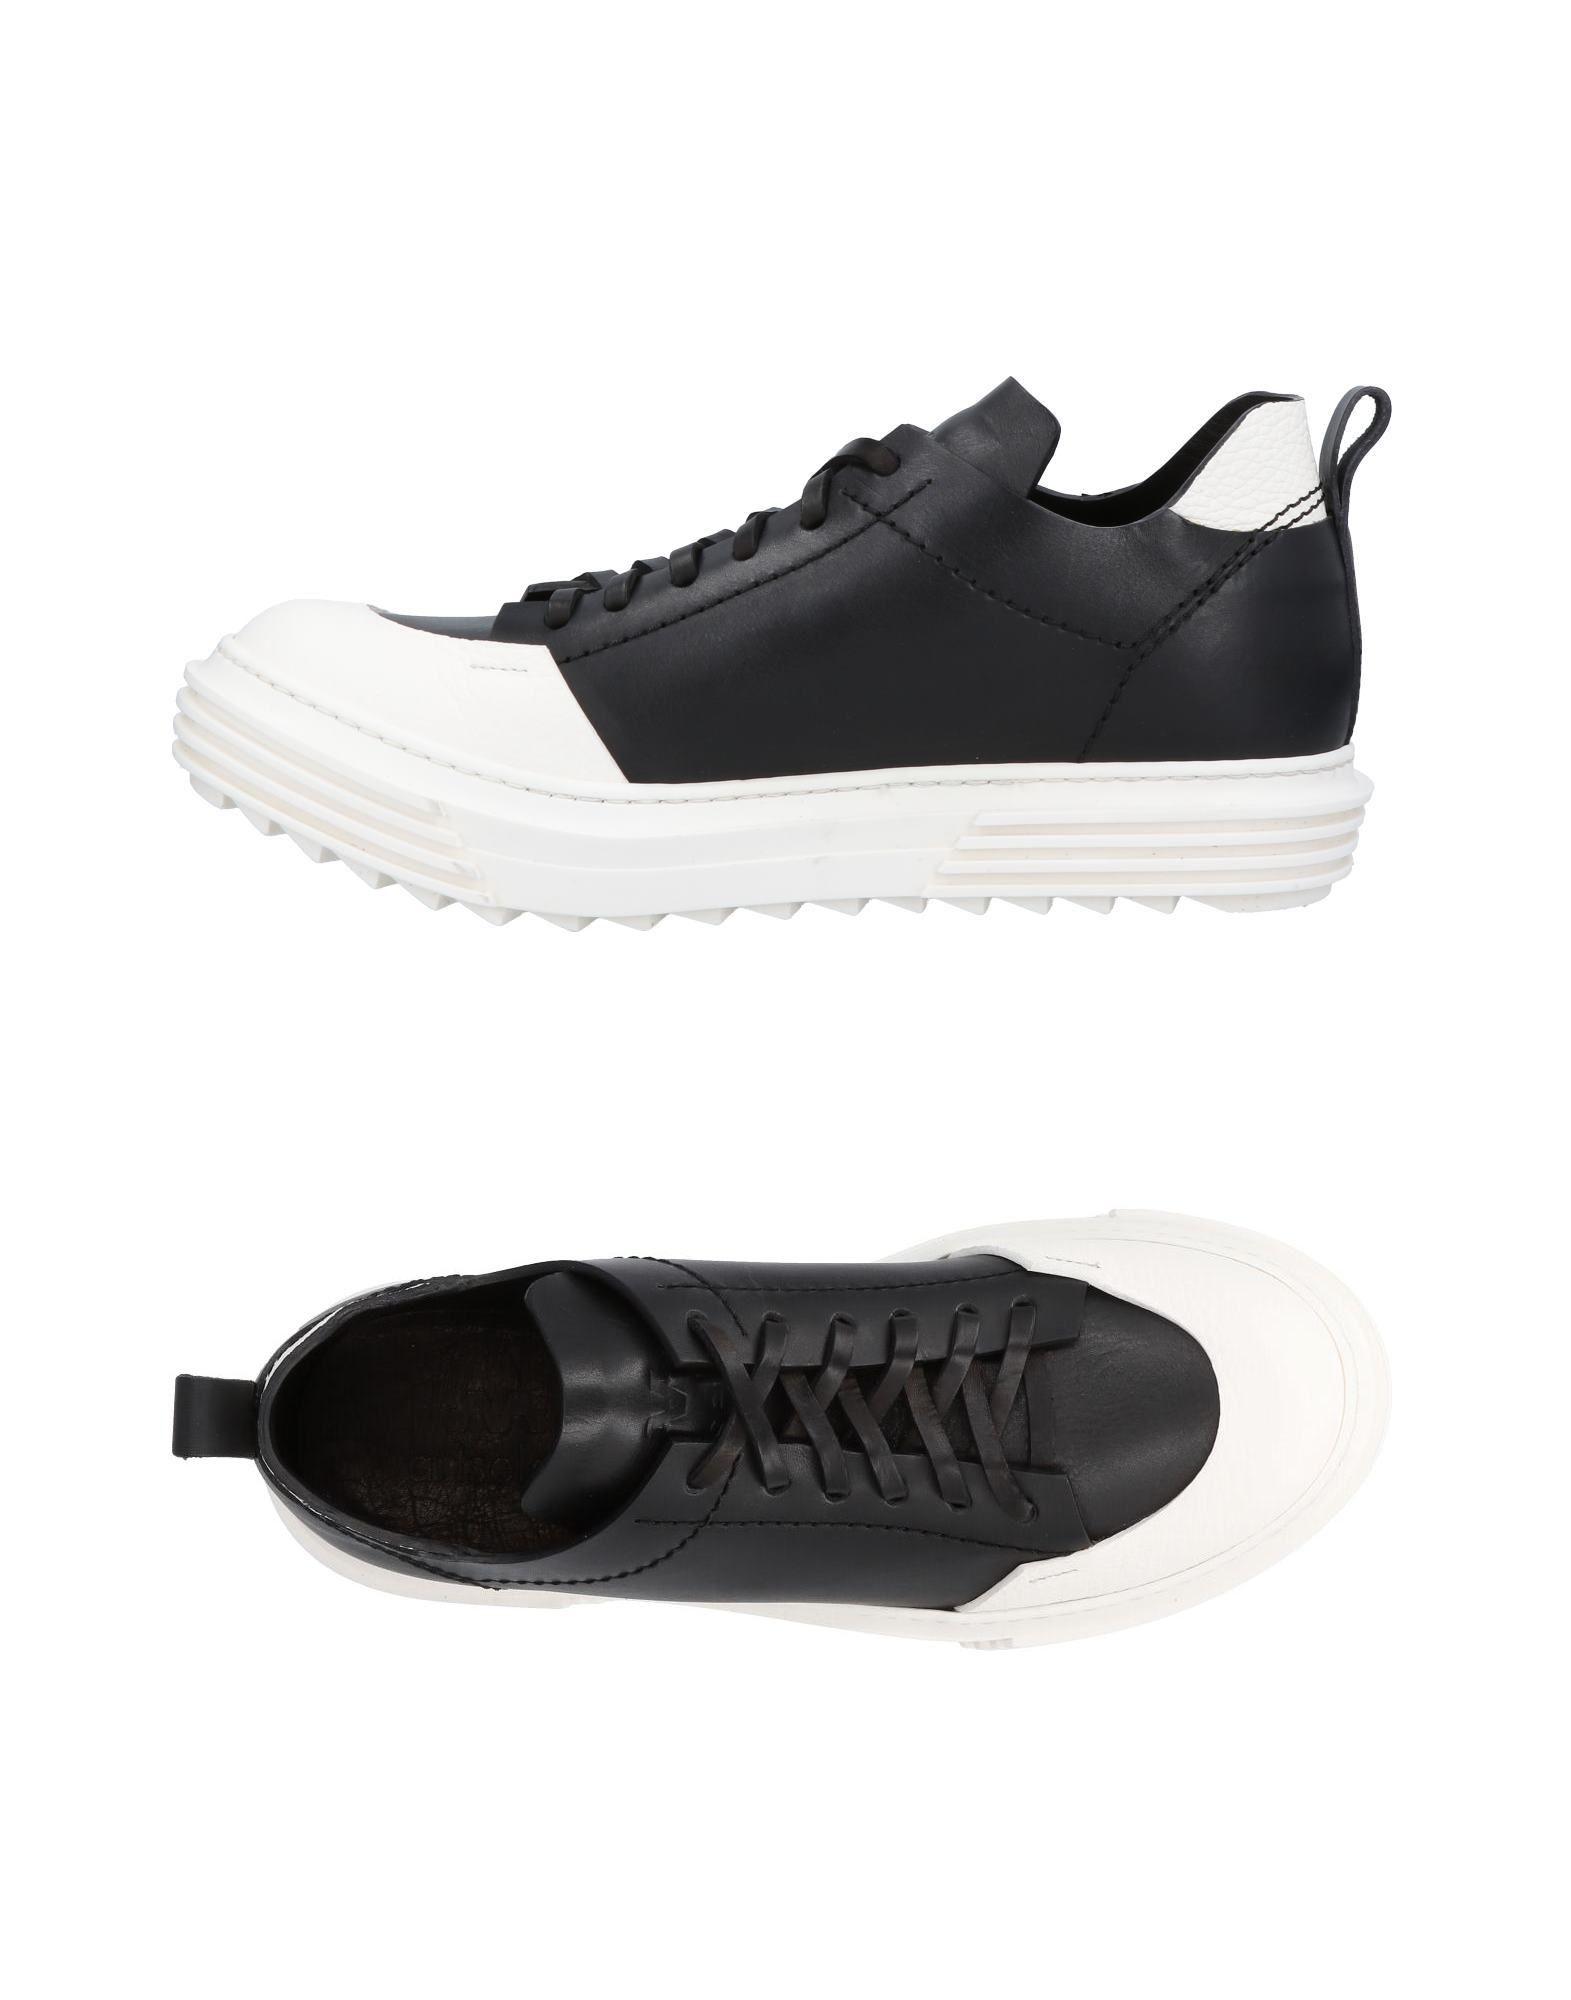 Sneakers Artselab Femme - Sneakers Artselab sur